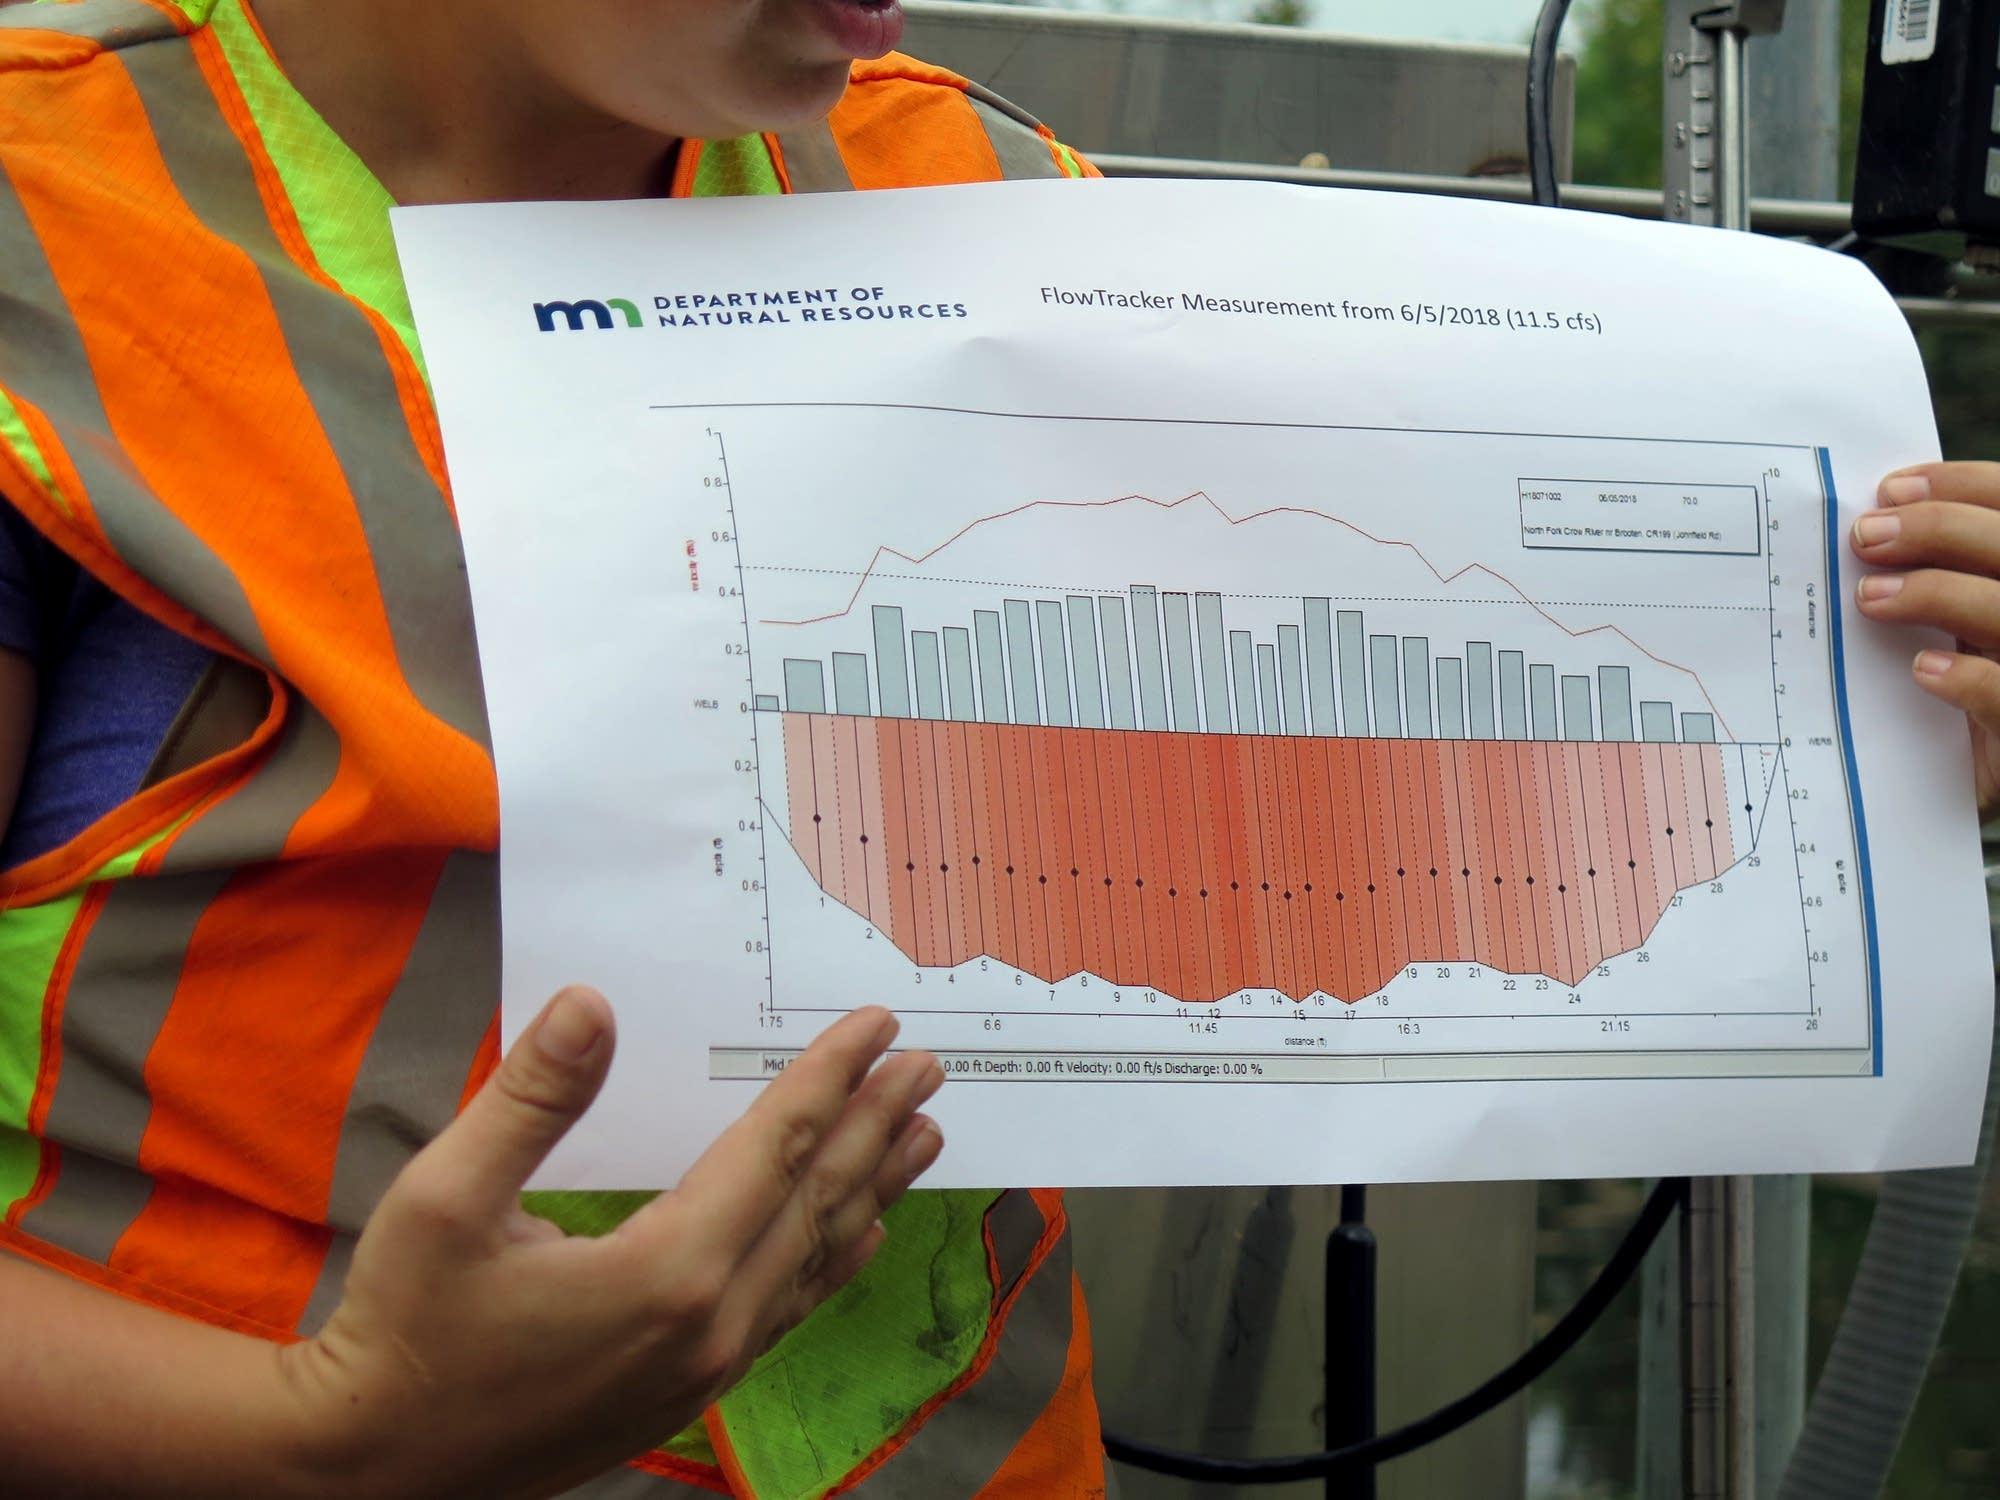 DNR hydrologist Erynn Jenzen points to a graph.